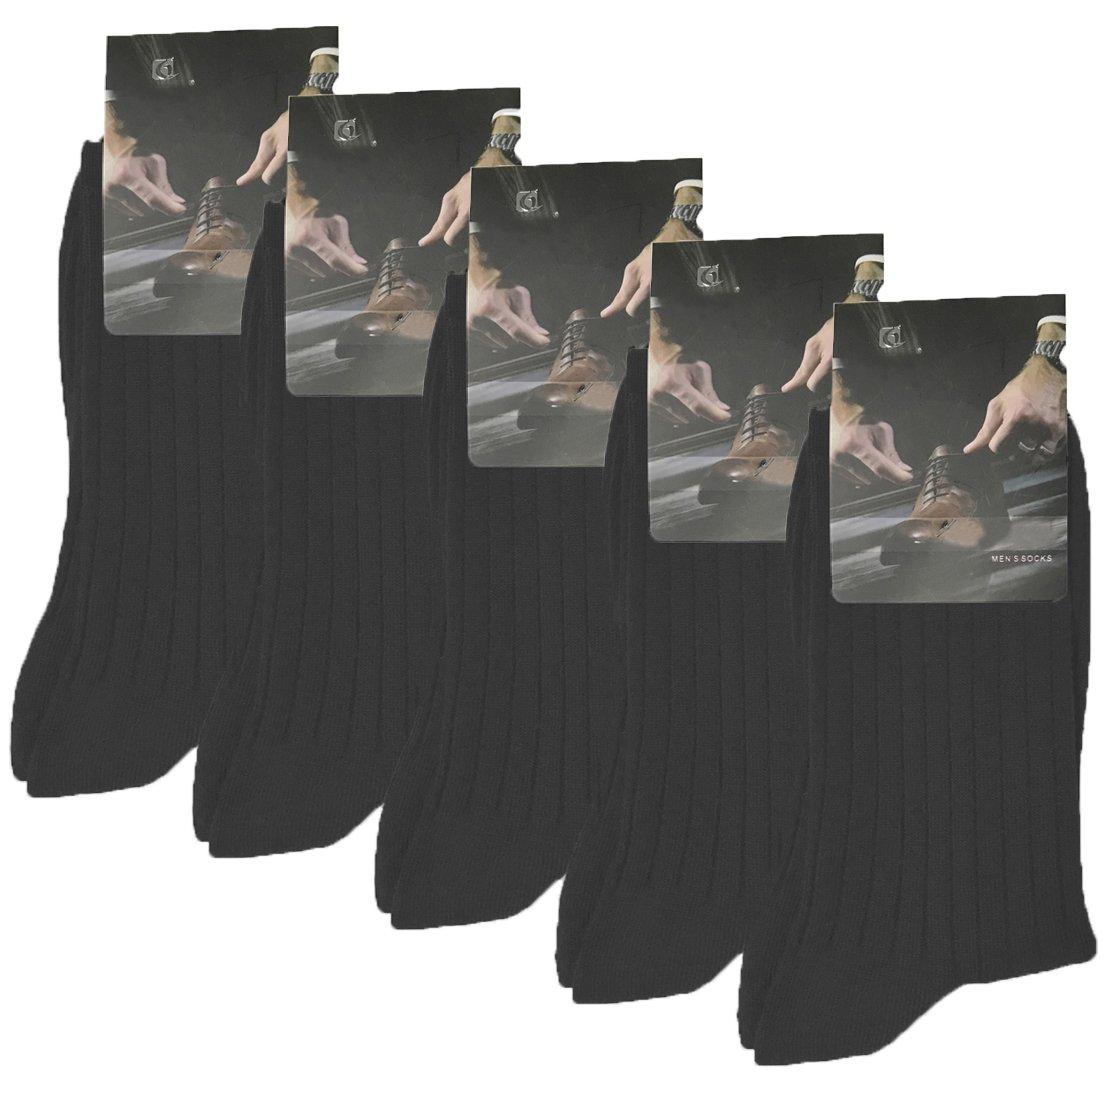 Chaussettes Homme, Evedaily Lot de 5/10 Paires Coton Chaussettes confortable et respirante Noir, Bleu Marine, Gris, Blanc, Taille EU 39-44